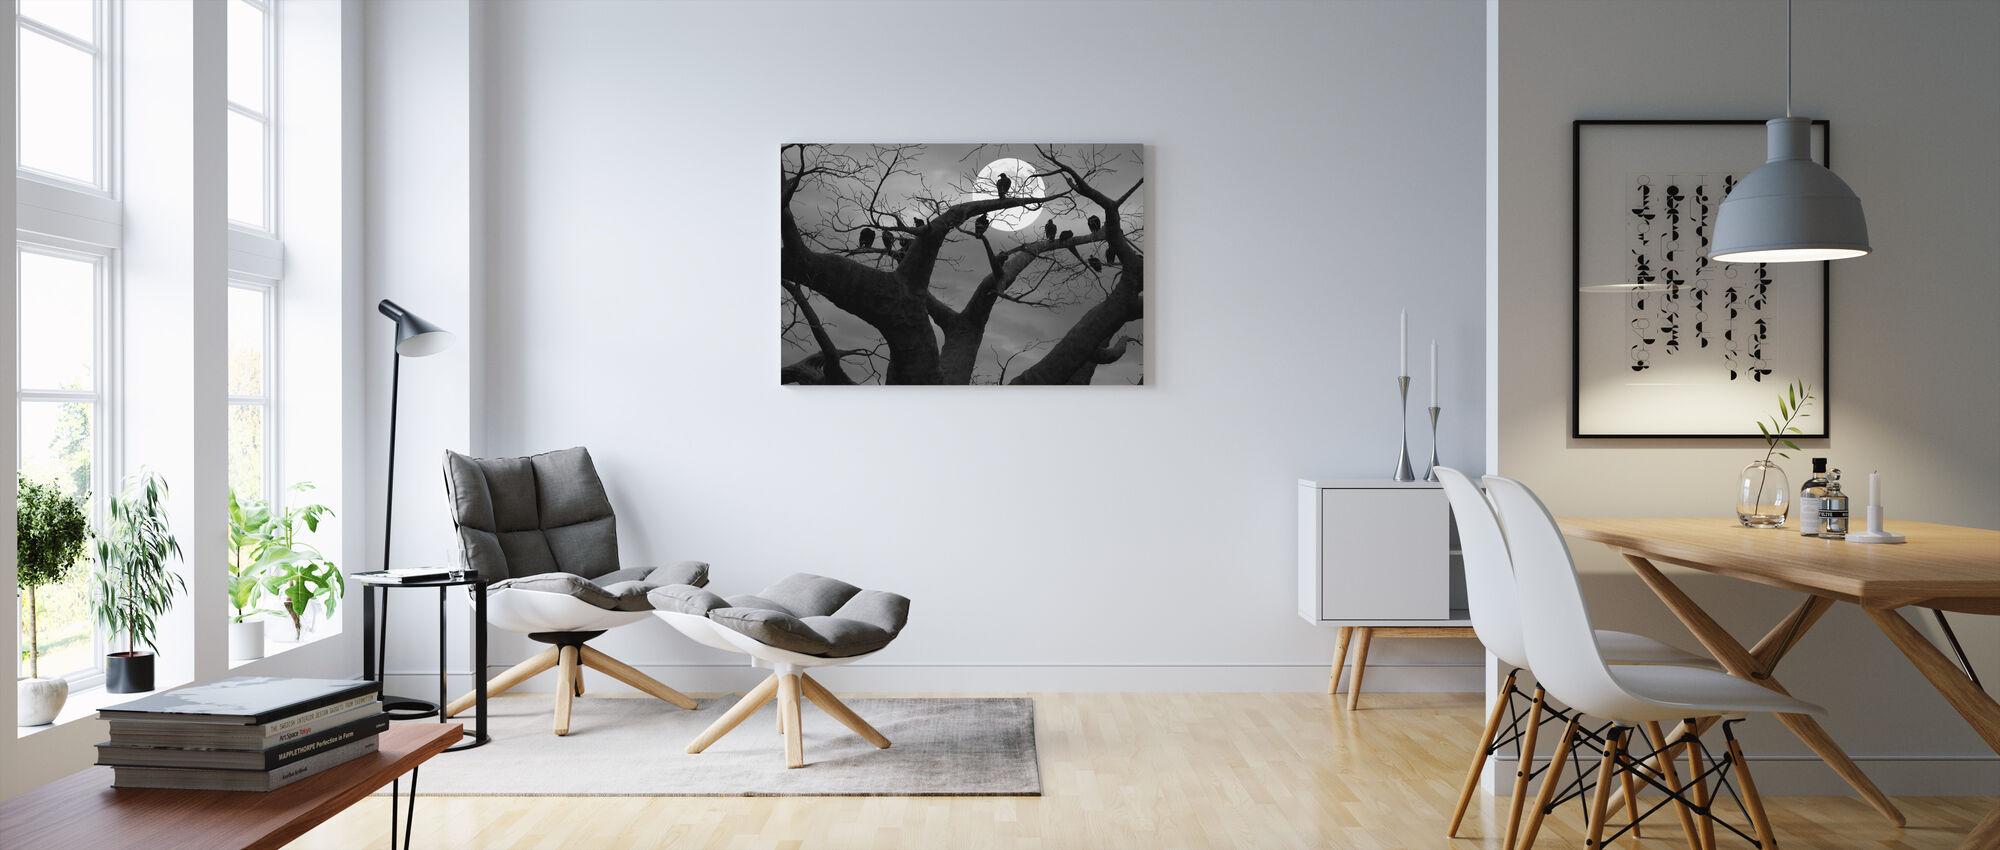 Upiorne drzewo - Obraz na płótnie - Pokój dzienny